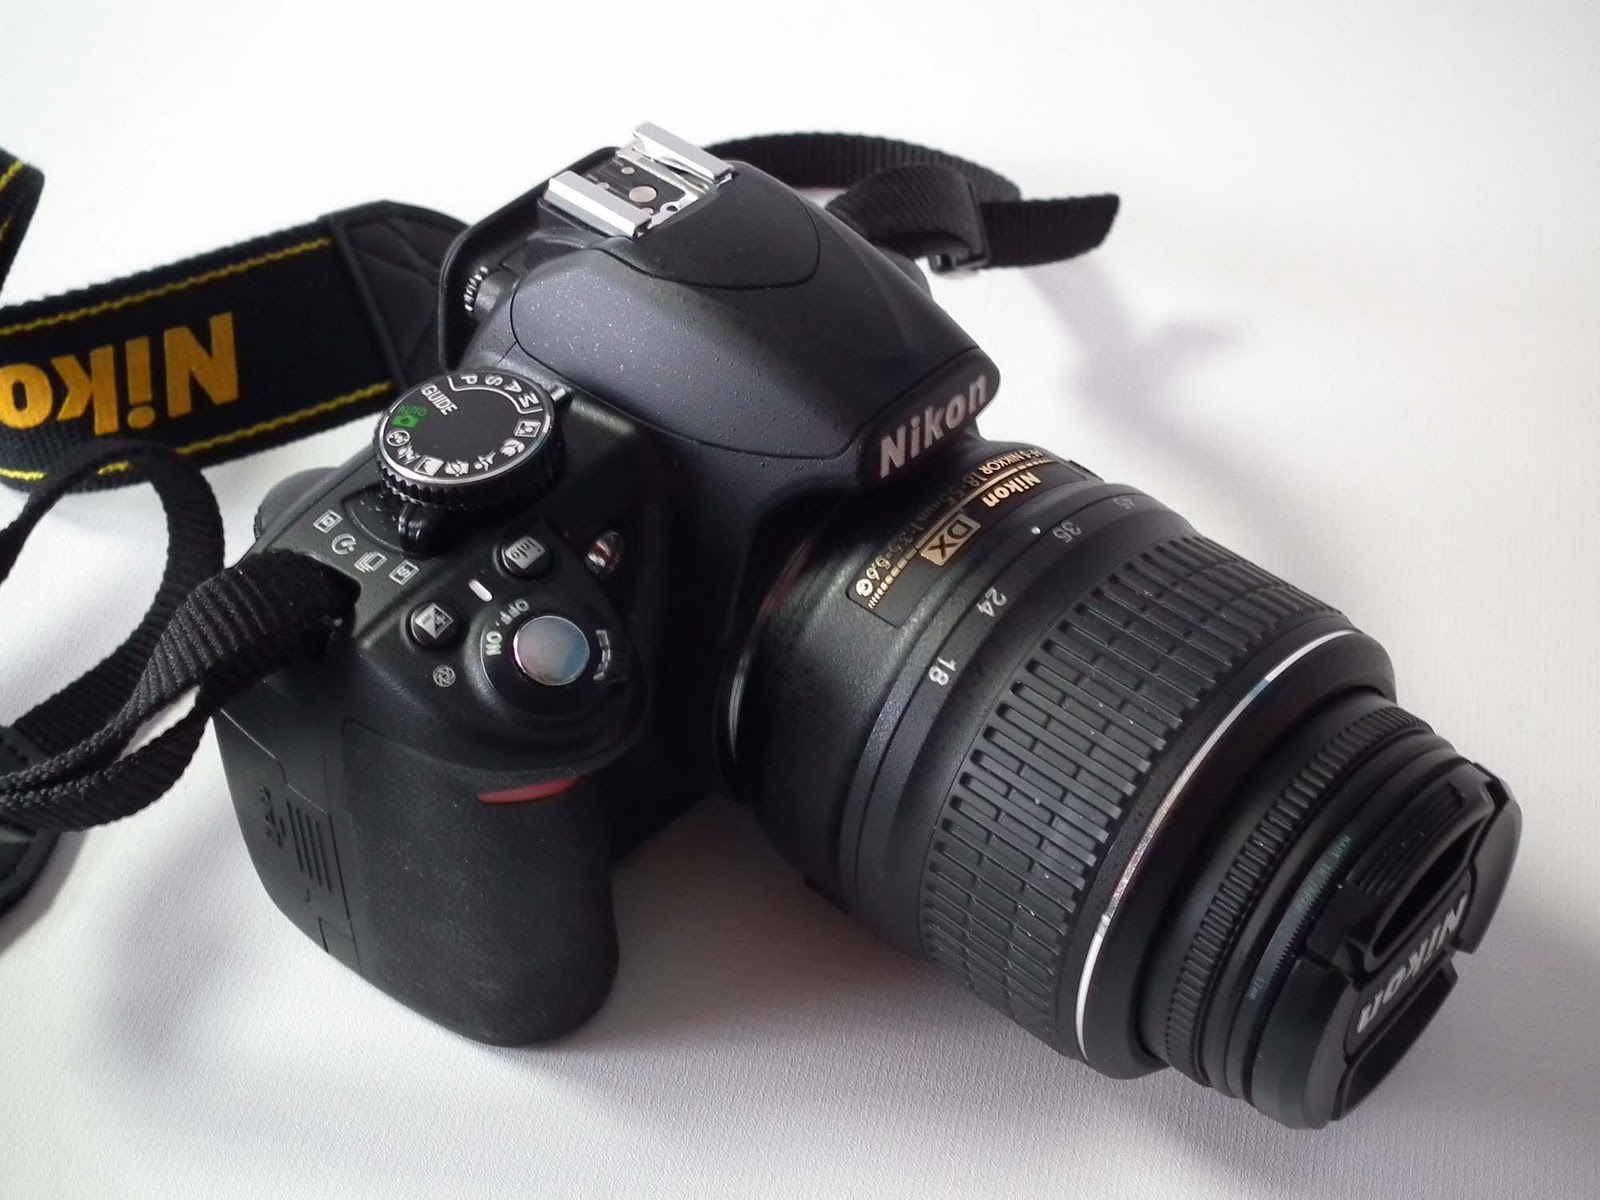 Como aprender a tomar fotos? - D3100 - Comunidad Nikonistas 33